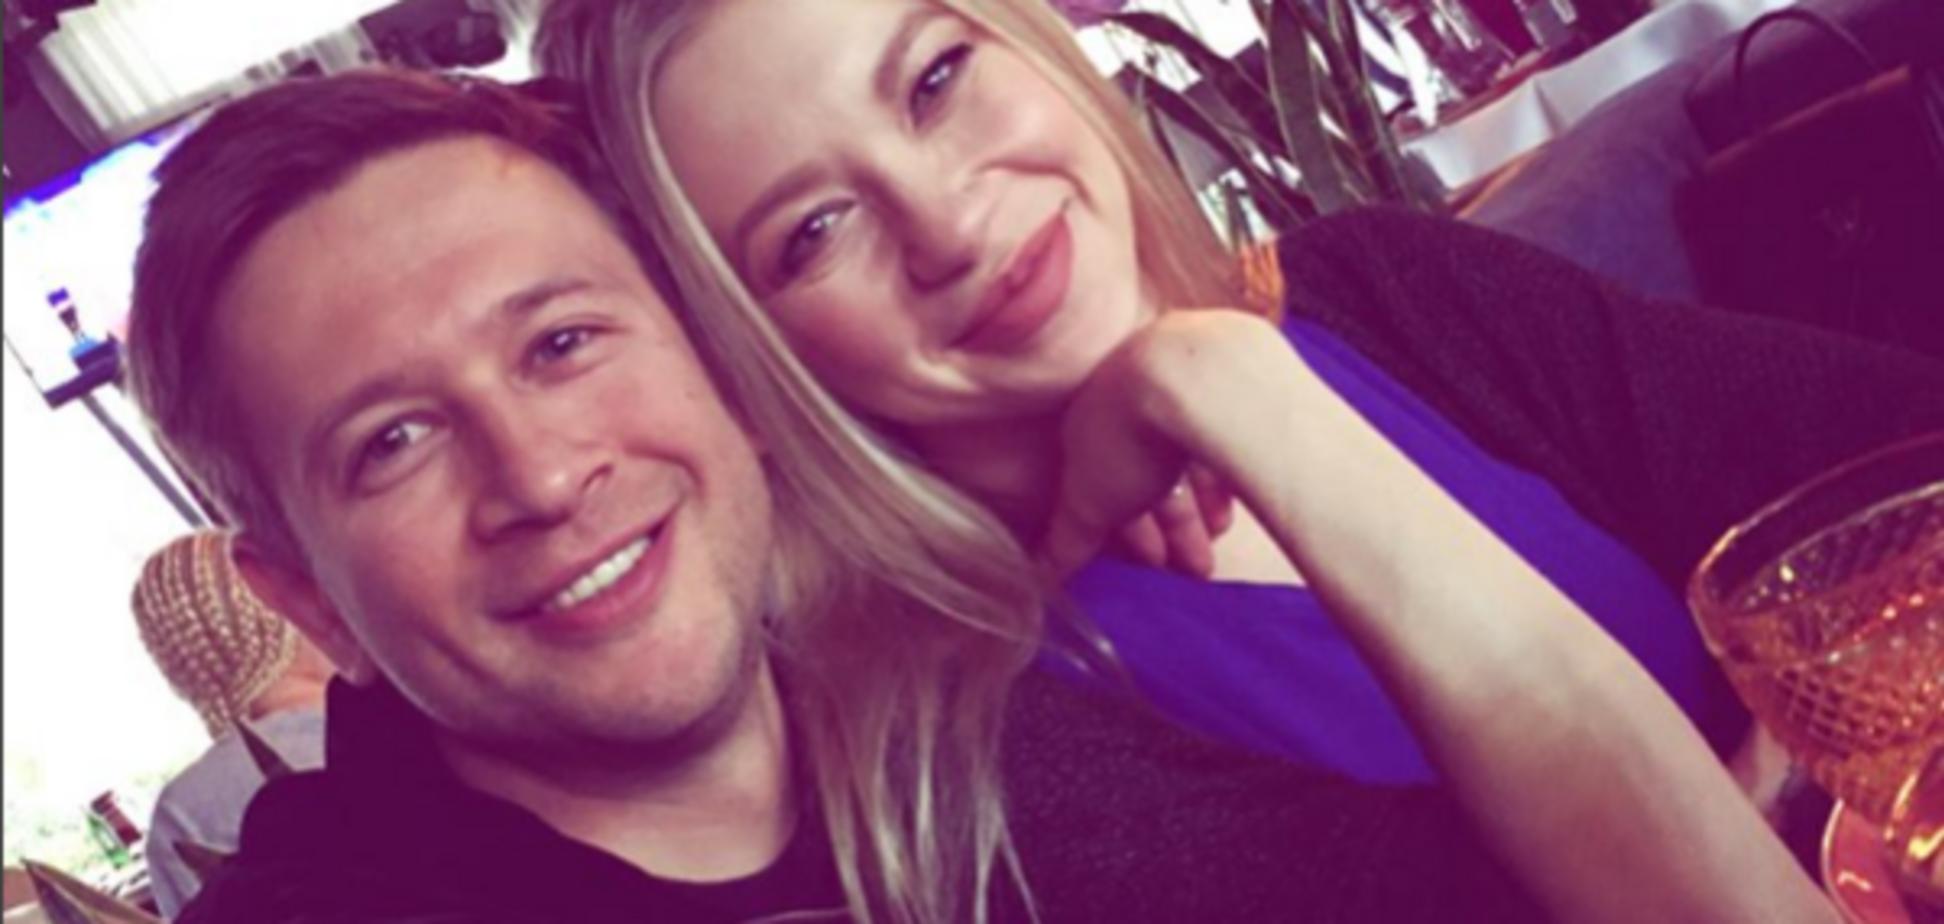 Самая младшая Ступка: Полина Логунова поделилась первой фотографией с новорожденной